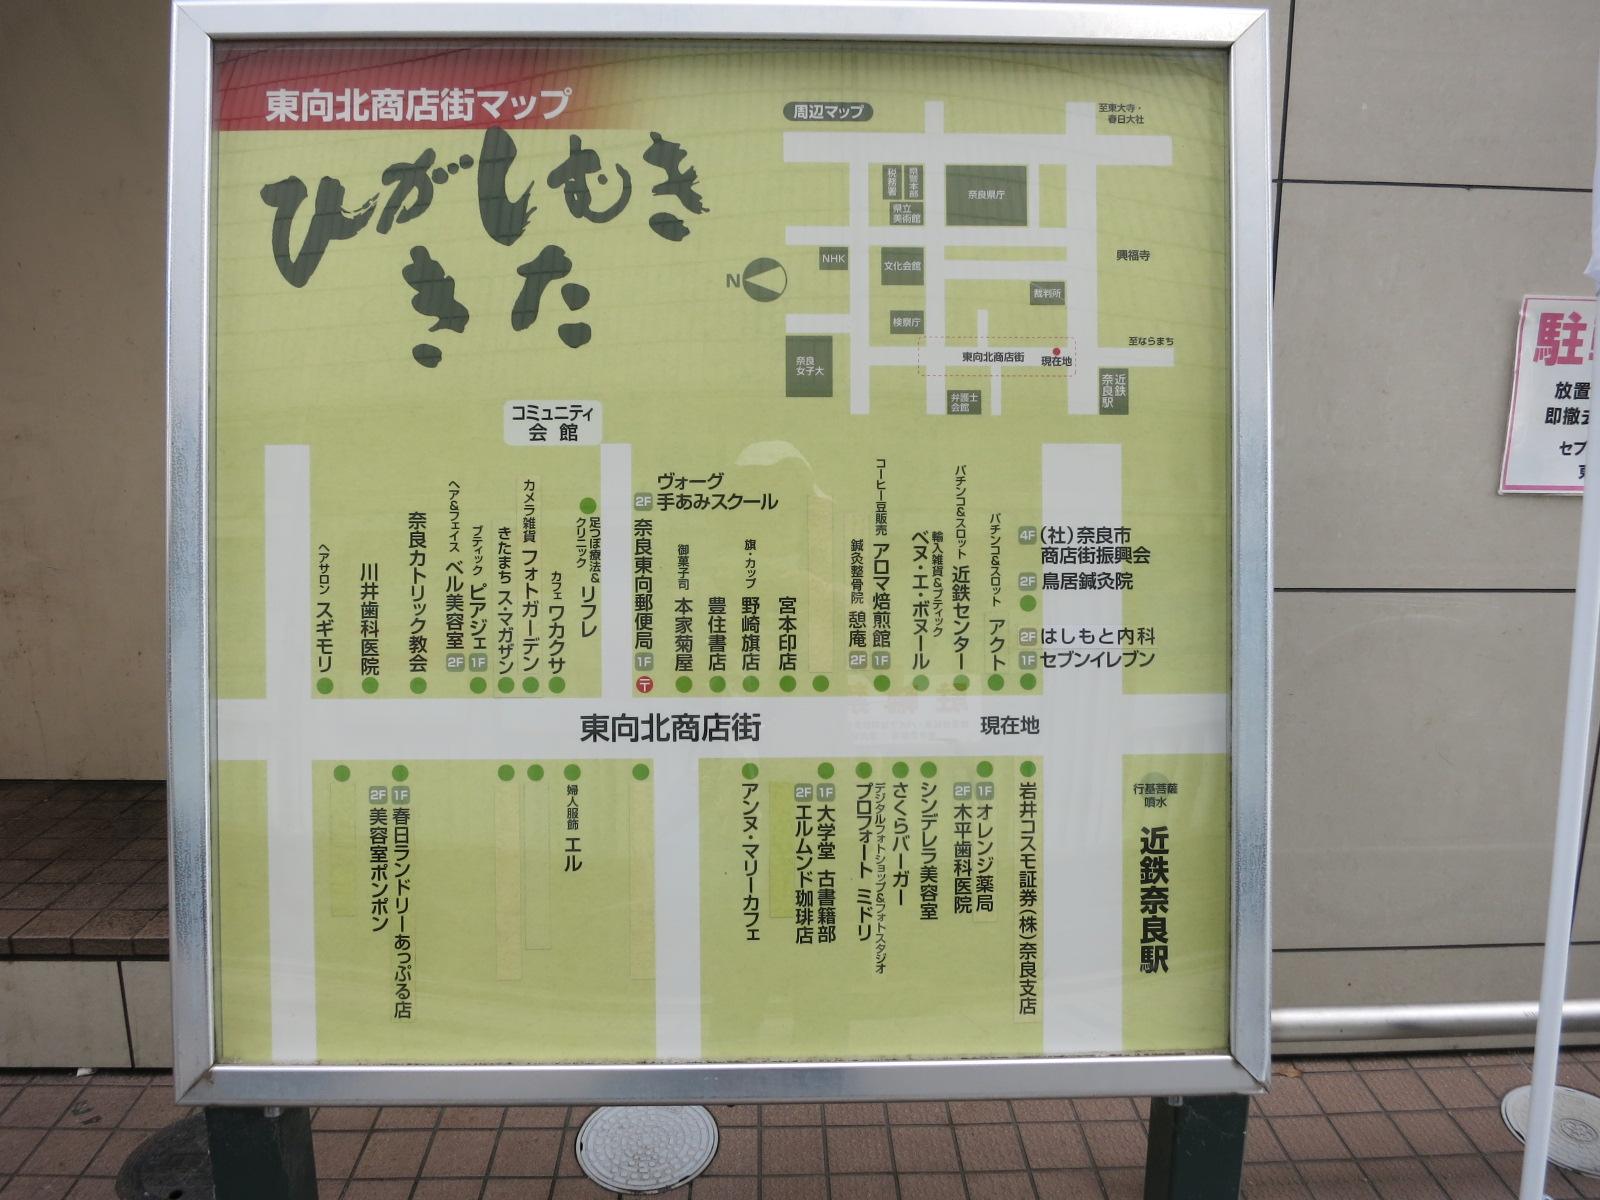 商店街のマップです。